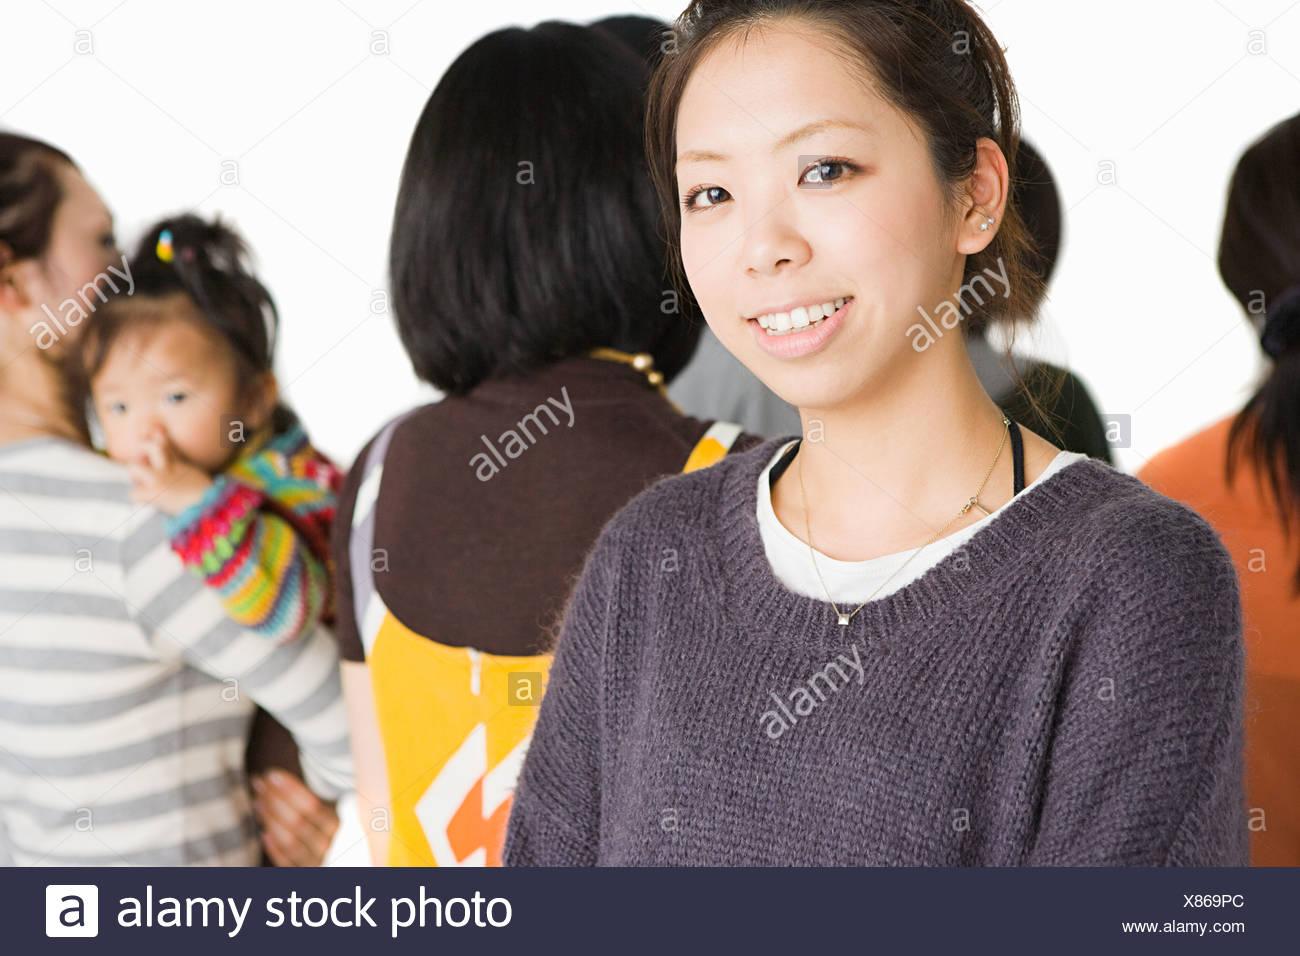 Jeune femme dans le groupe de personnes Photo Stock